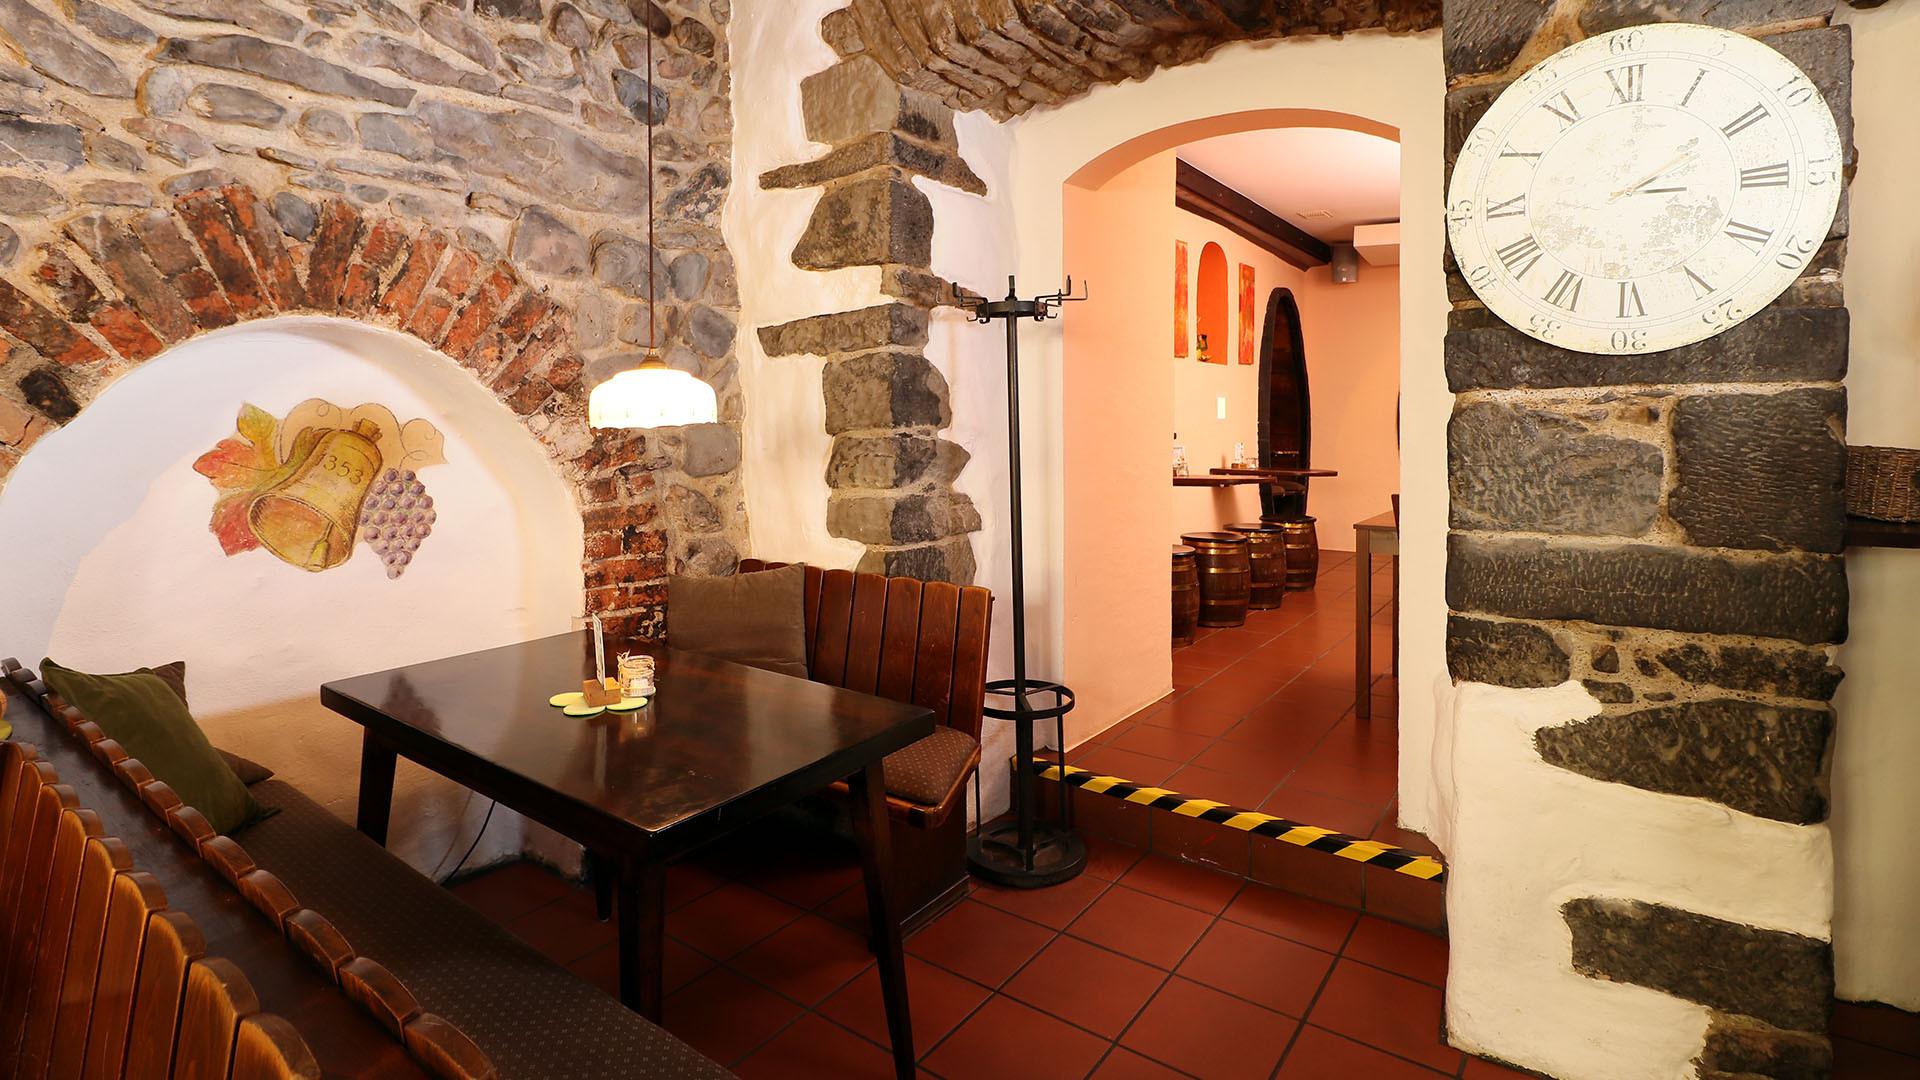 Unser Weinglöcke mit kroatische-badische Küche und ausgewählten Weinen